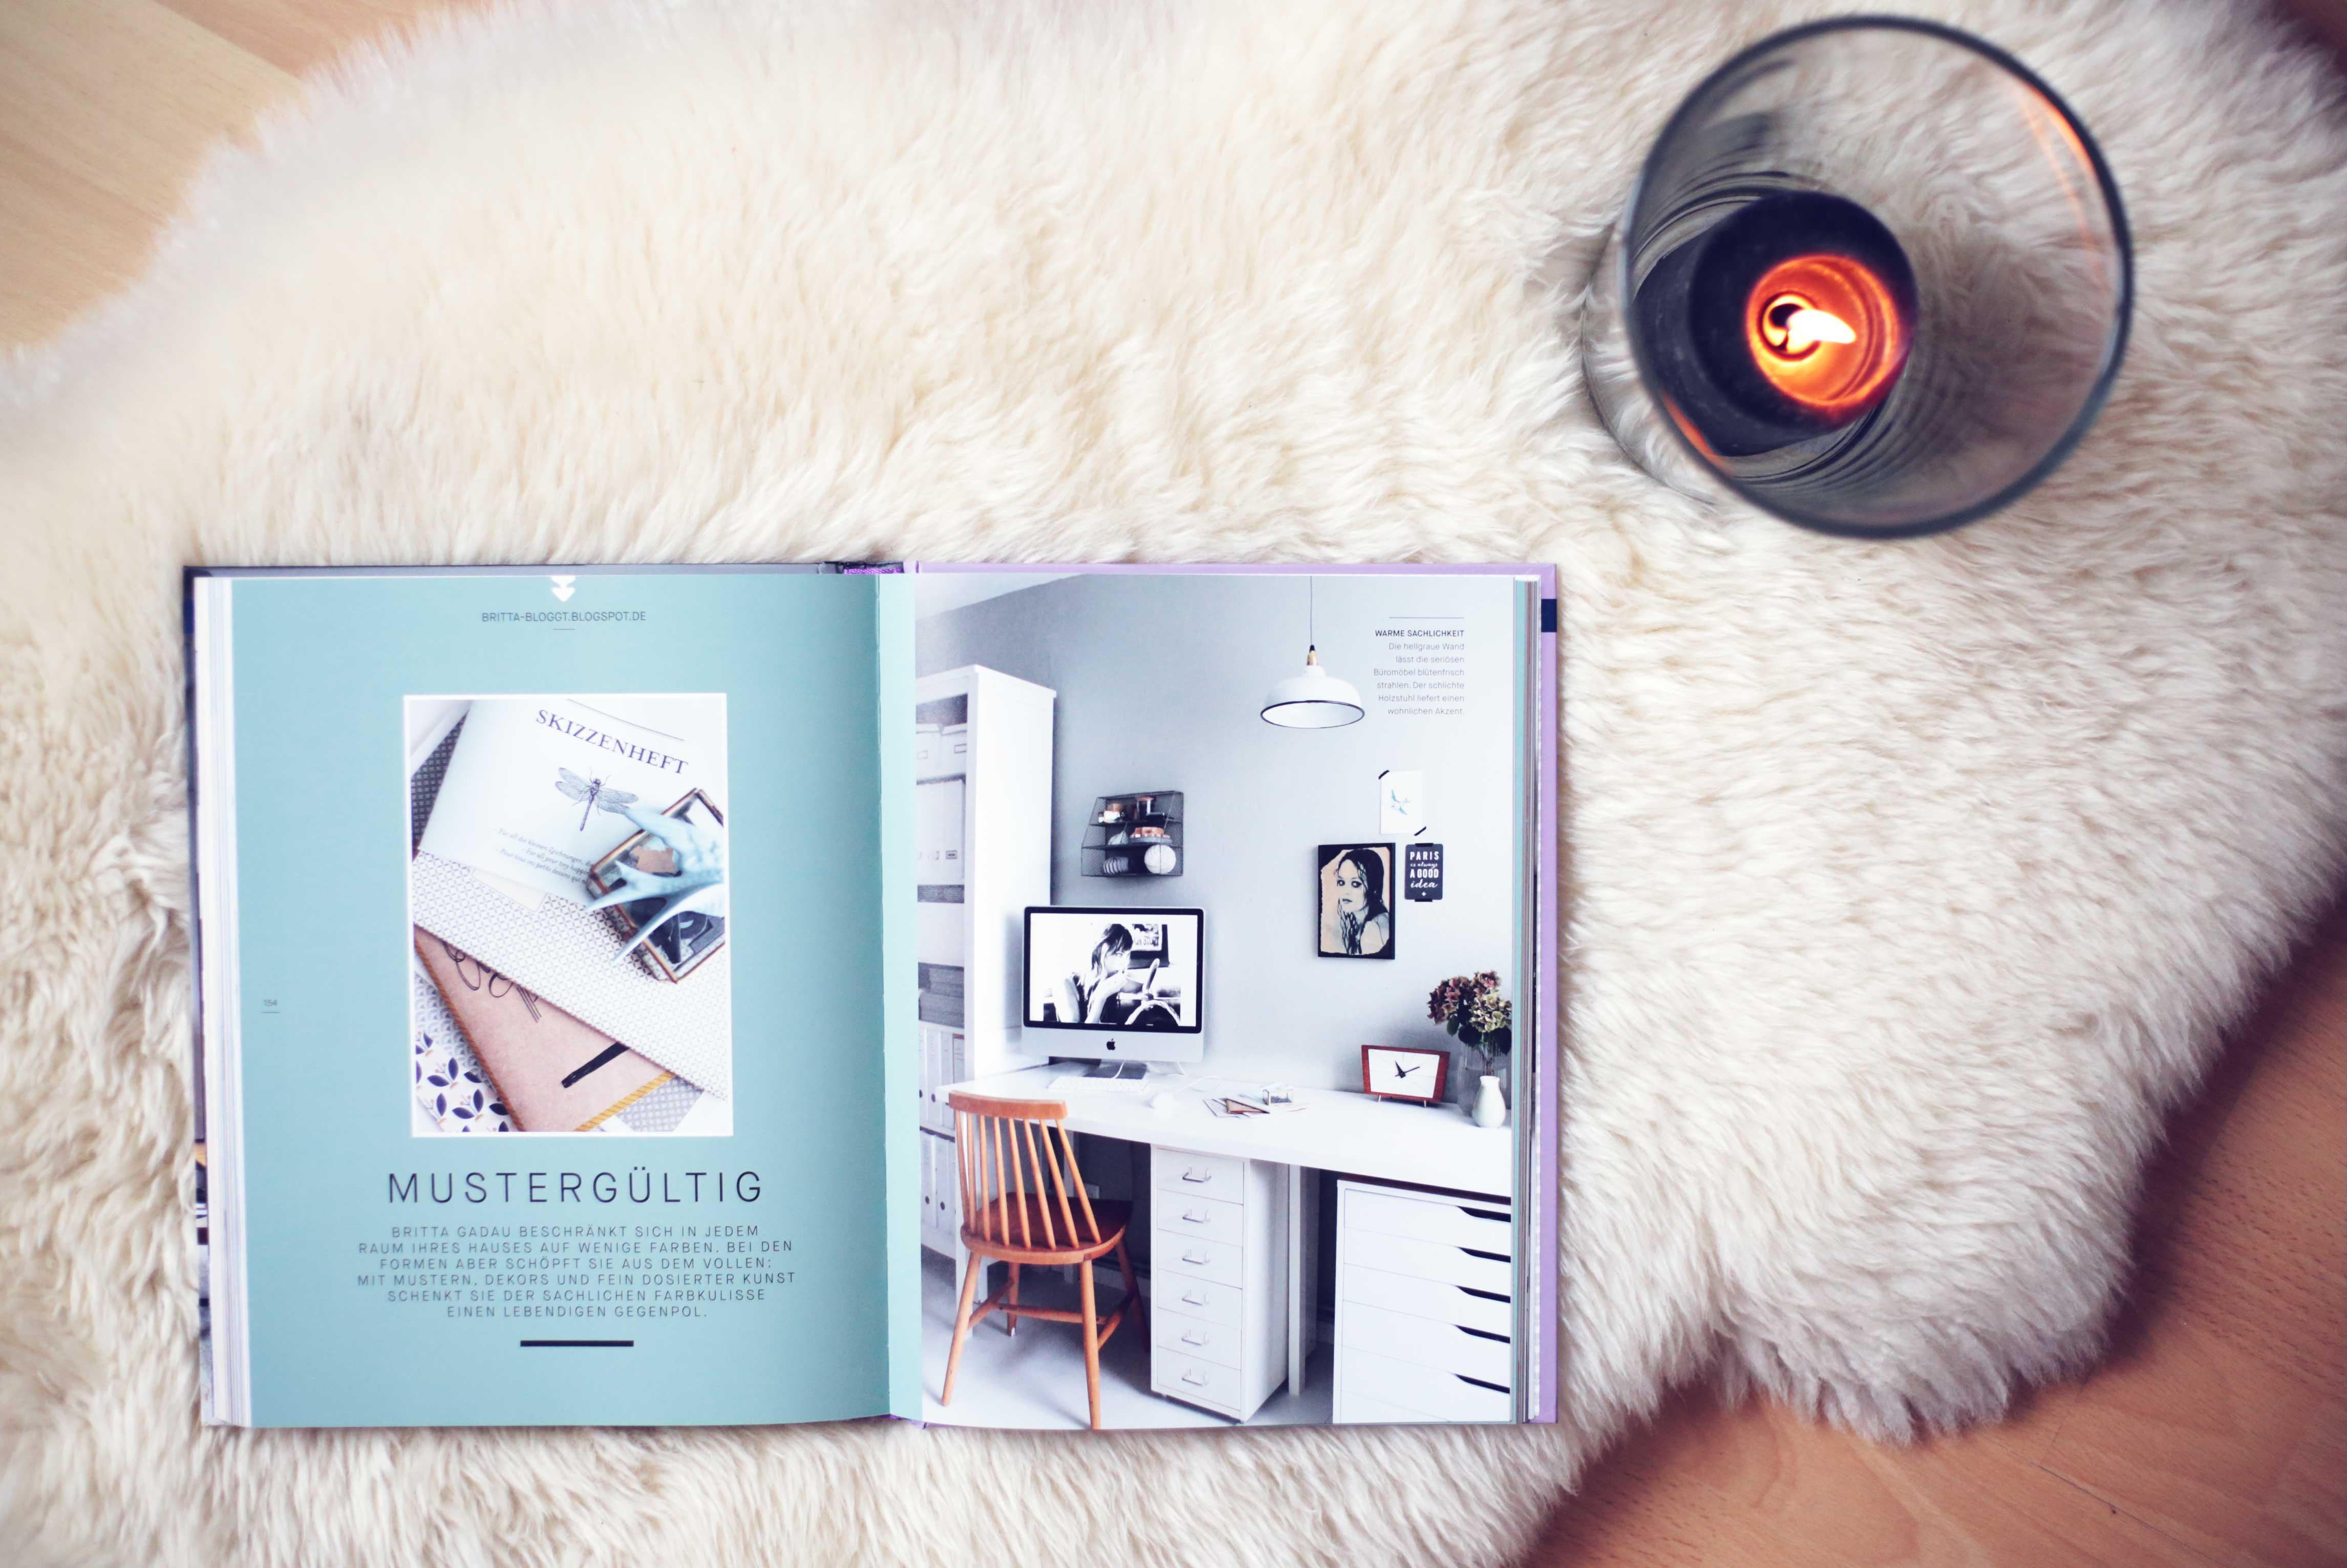 best-of-interior-die-wohntrends-2018-callwey-schonhalbelf-lifestyle-trend-tipp-empfelhung-home-design-neuerscheinung-moebel-buchblog